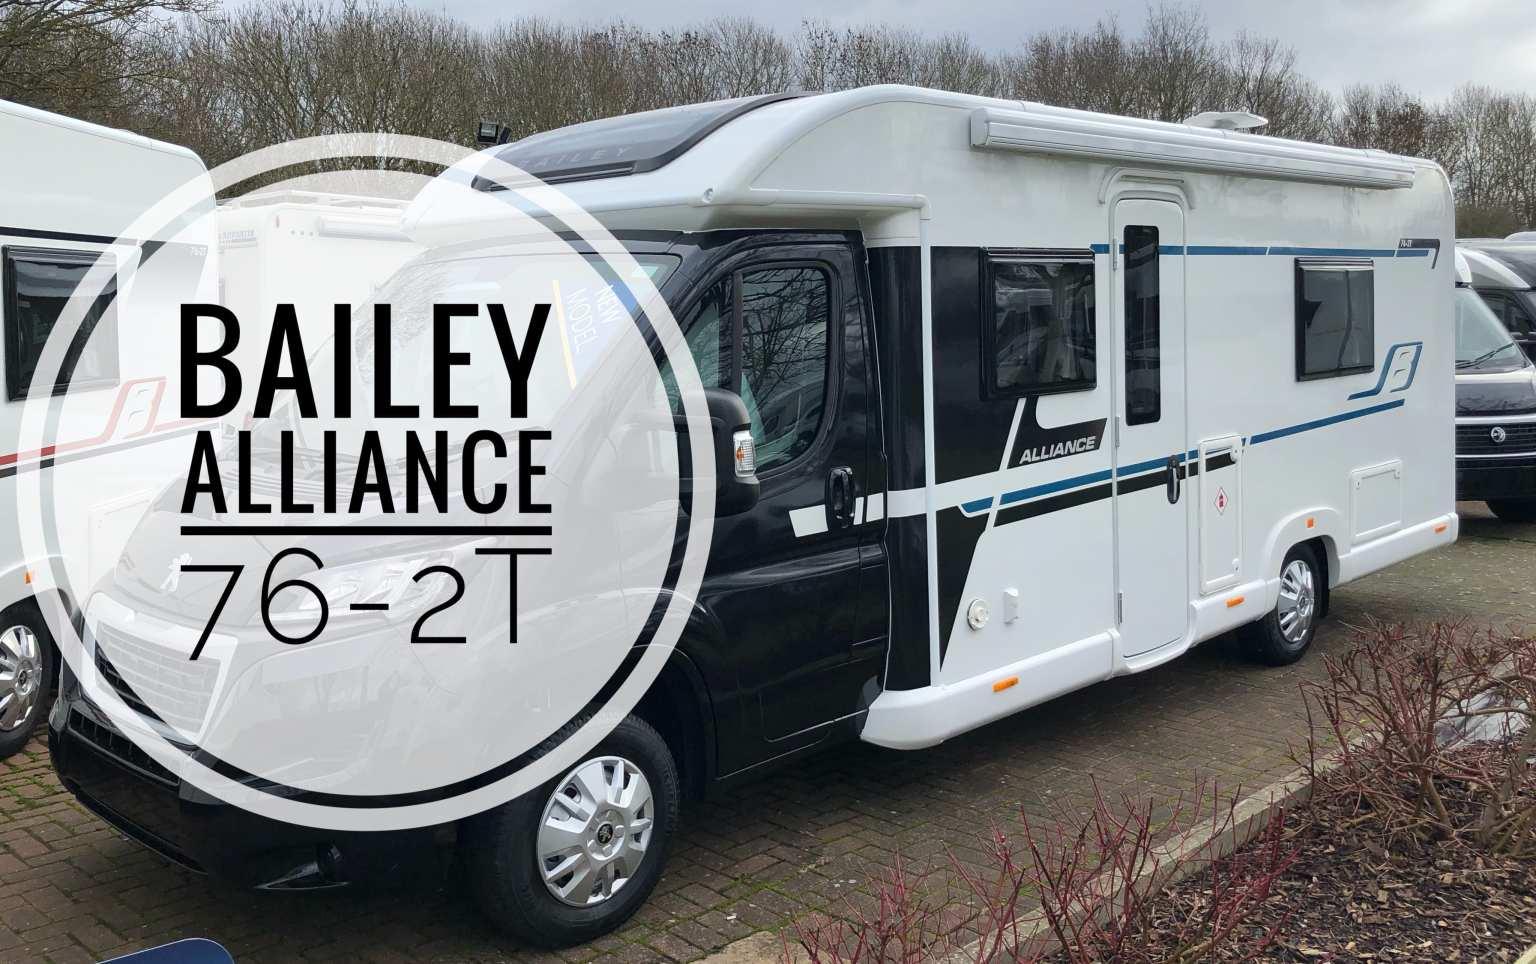 Bailey Alliance 76-2T